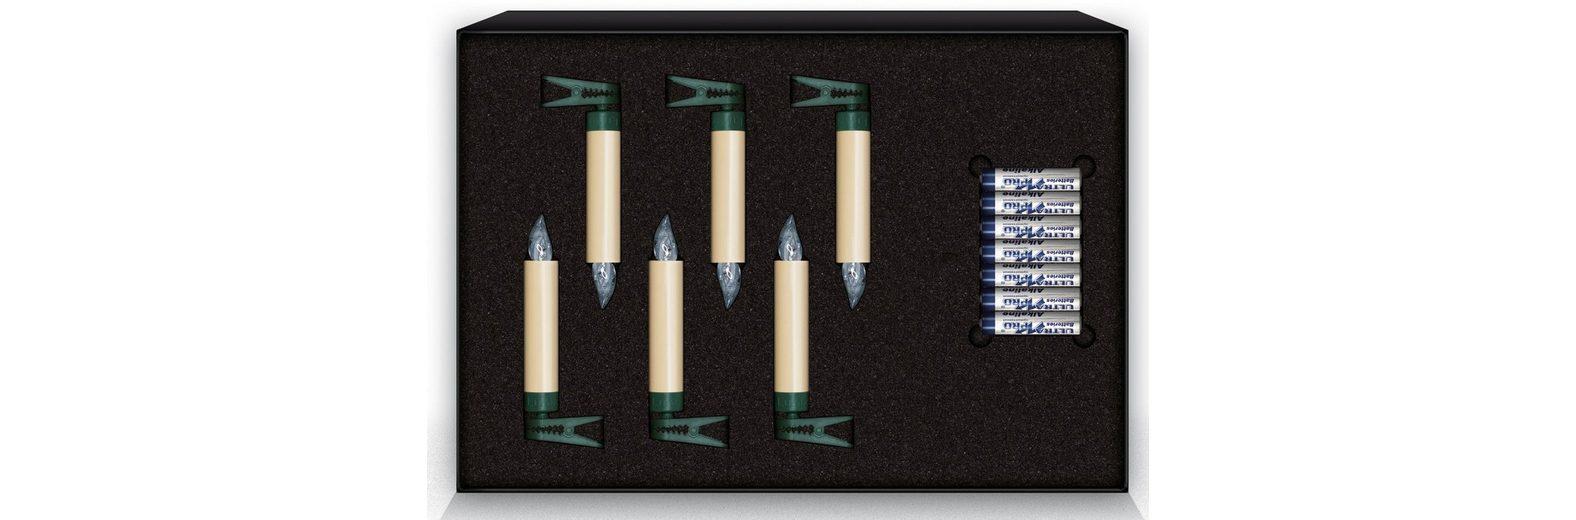 Krinner LUMIX LED-Christbaumkerzen Erweiterungs-Set, 6 er, »Lumix Classic Mini«